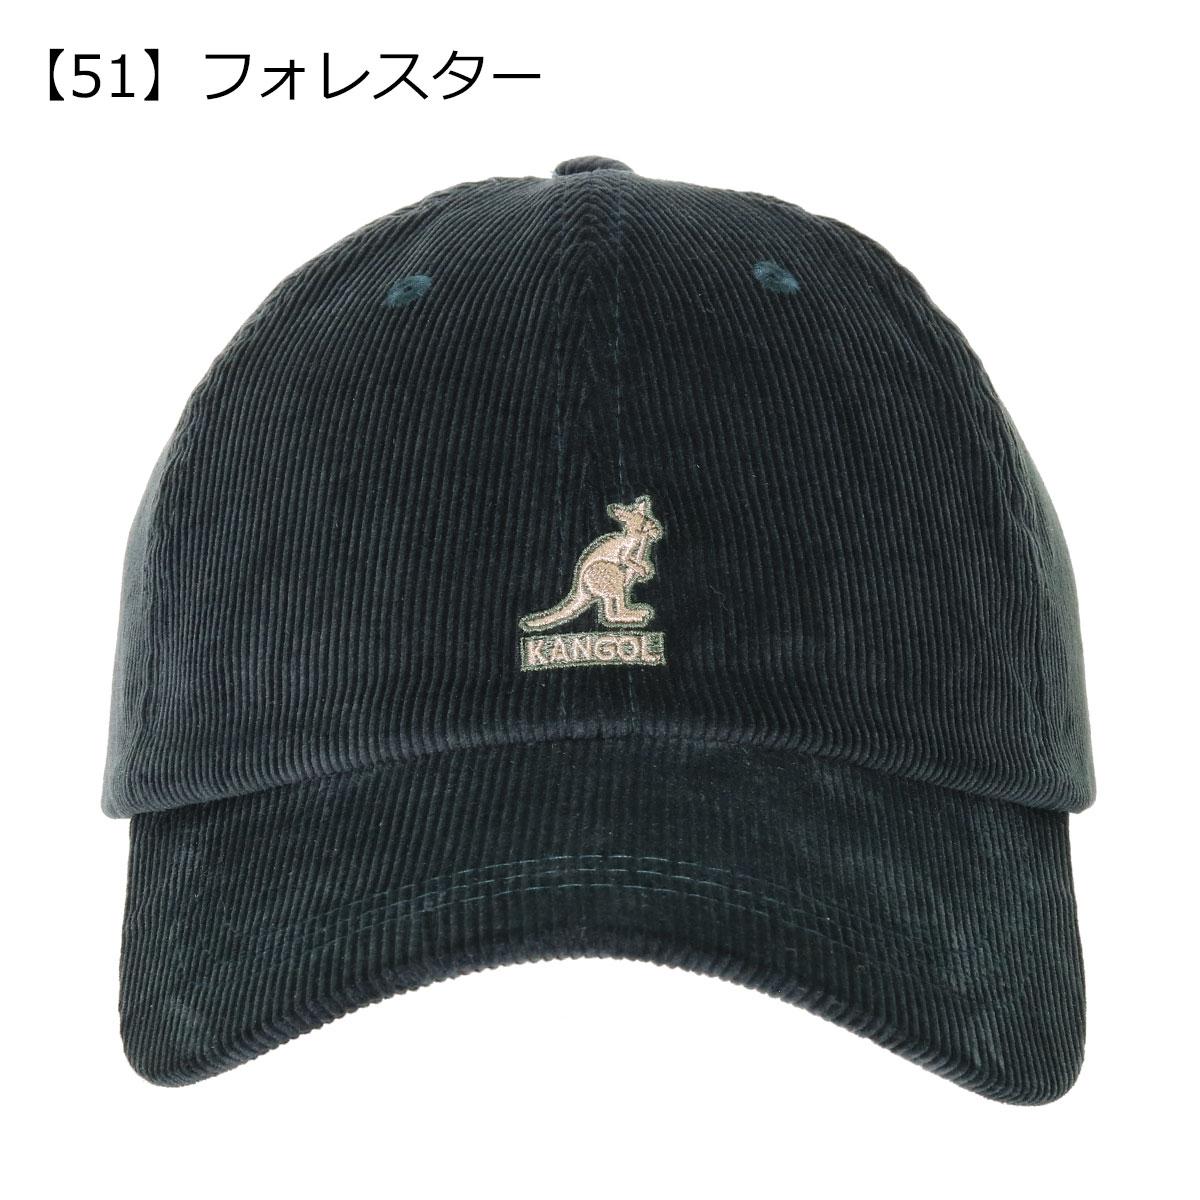 【51】フォレスター